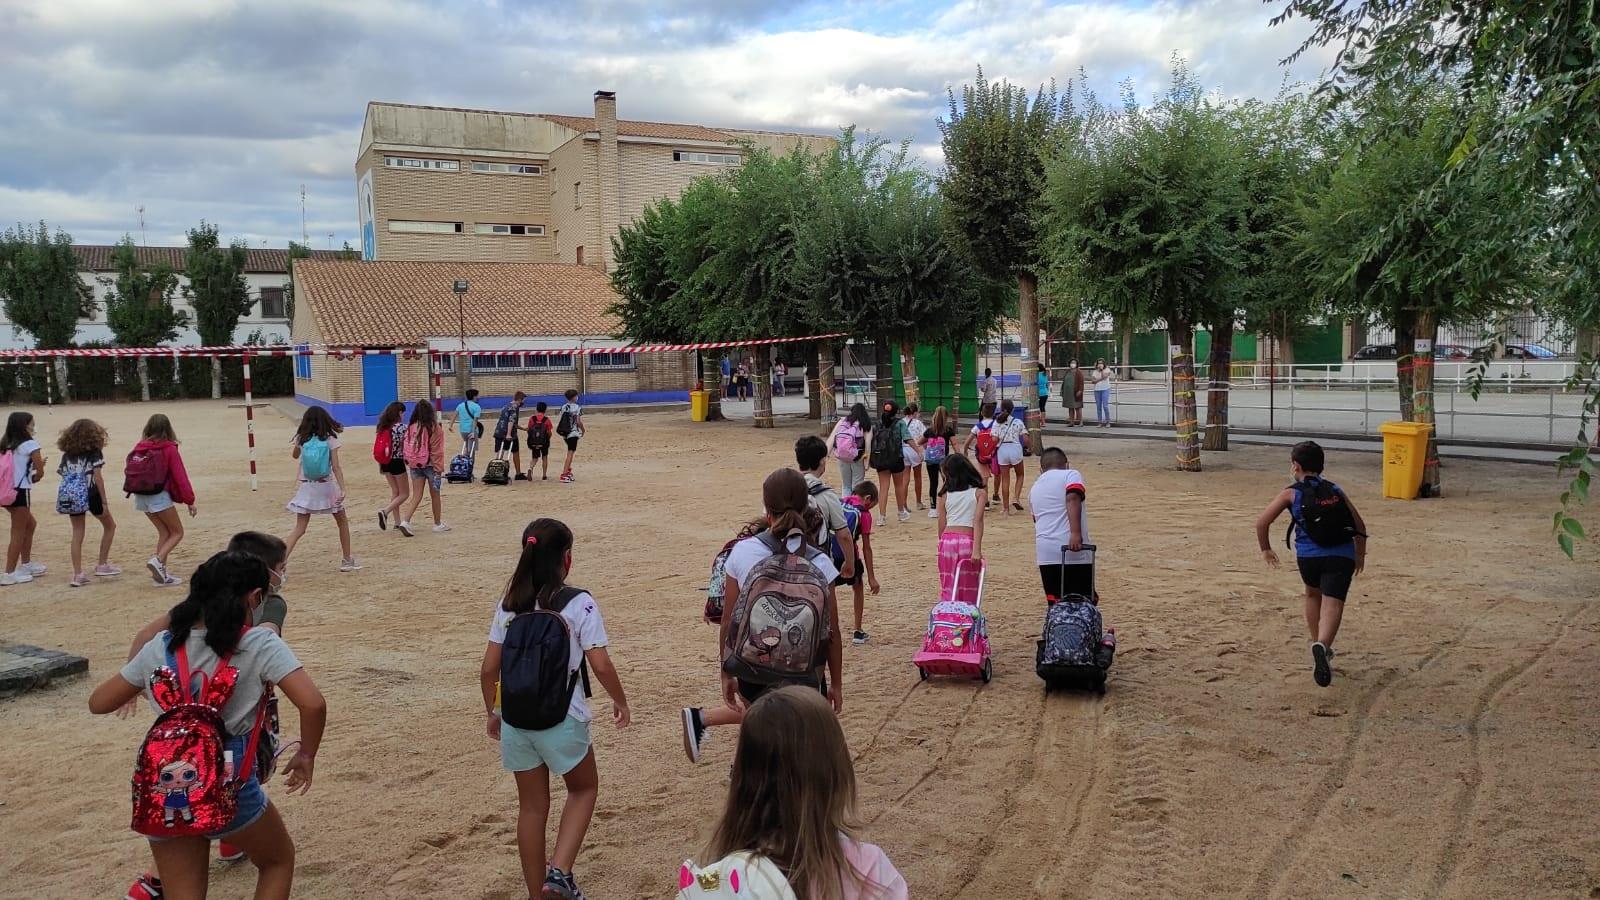 El curso escolar arranca en Almagro con normalidad con las mismas medidas COVID